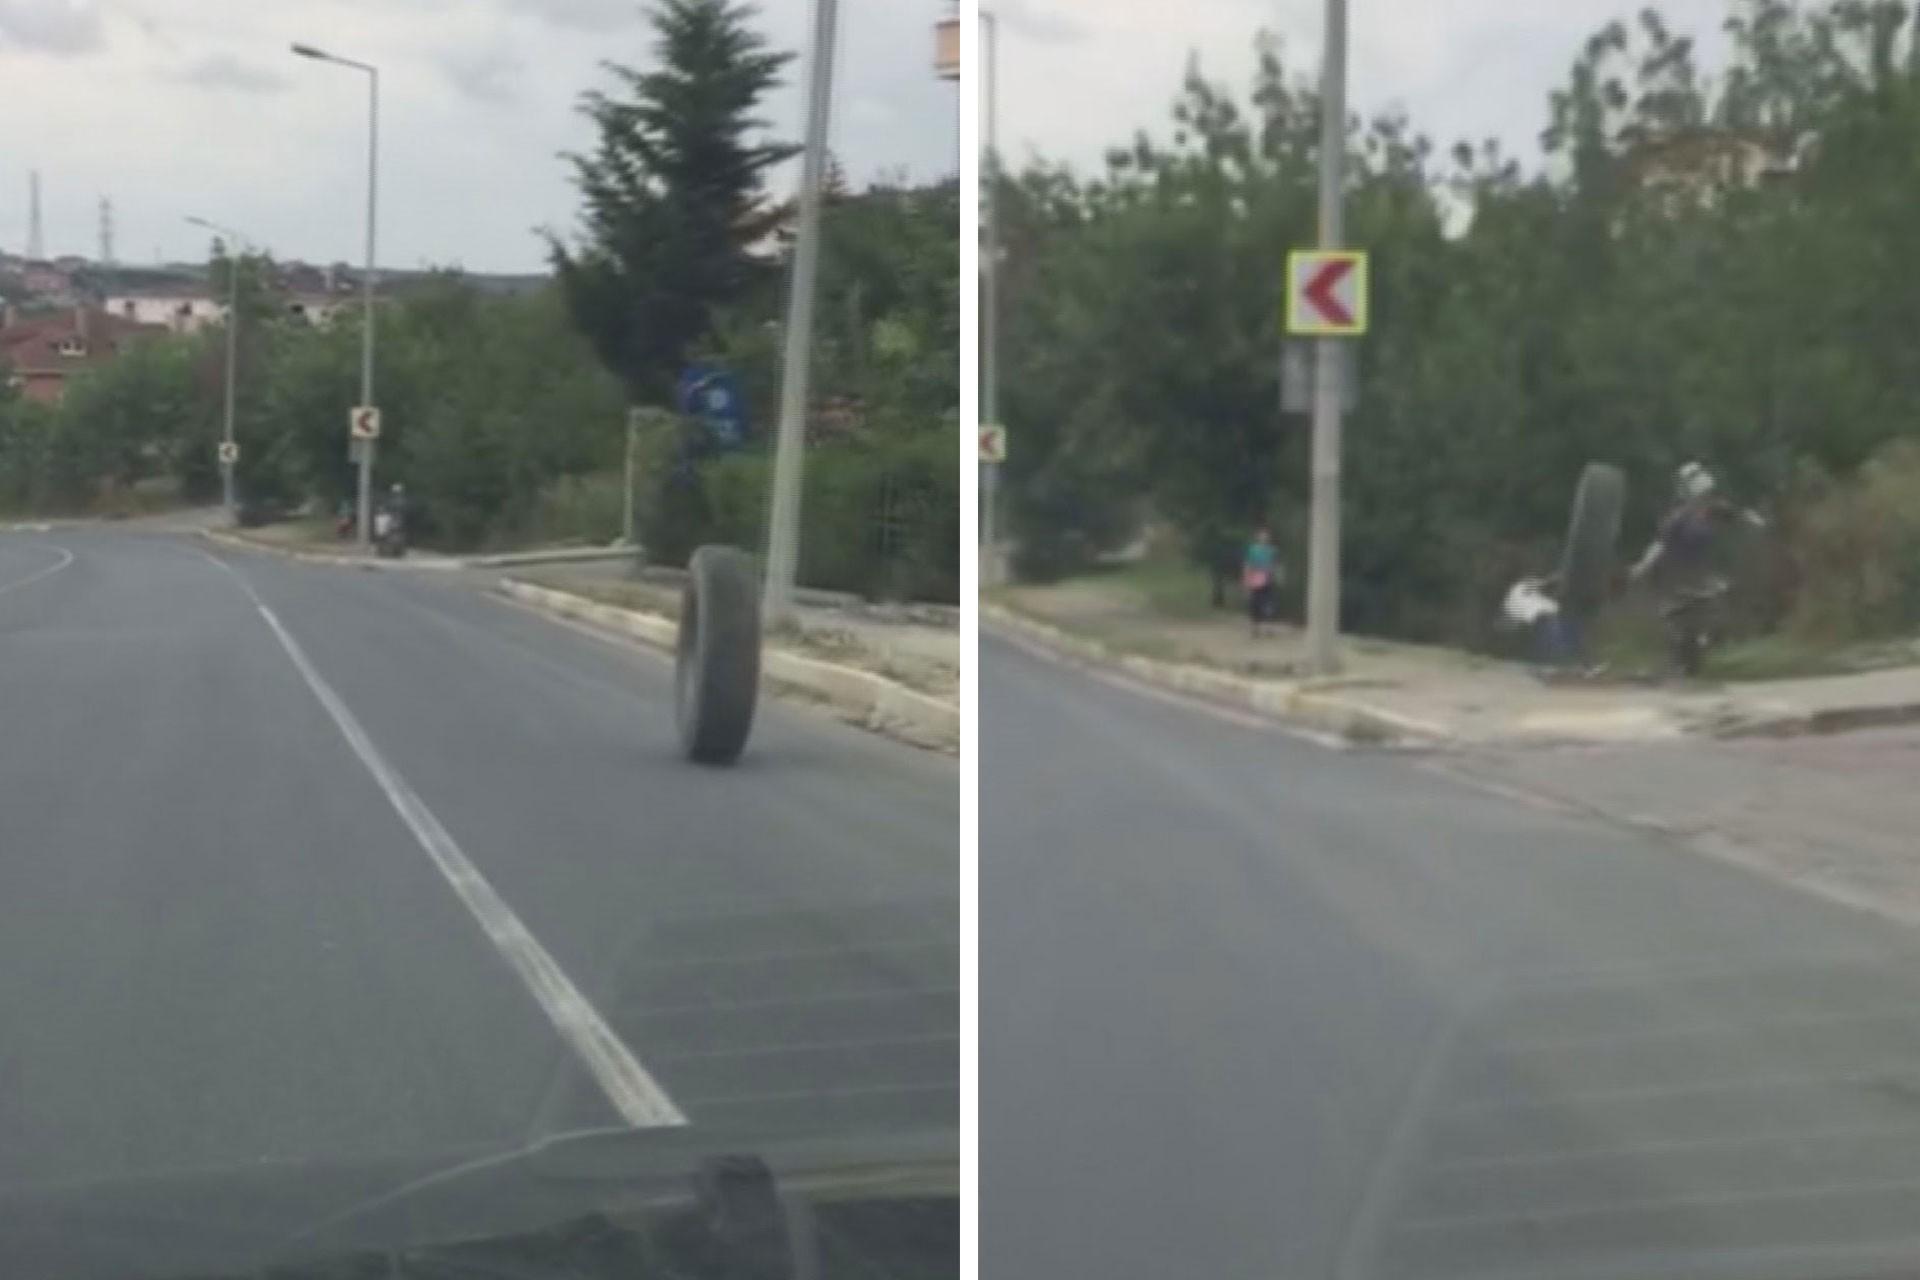 Arnavutköy'de fırlayan kamyon lastiği kaldırımdaki çocuğa çarptı